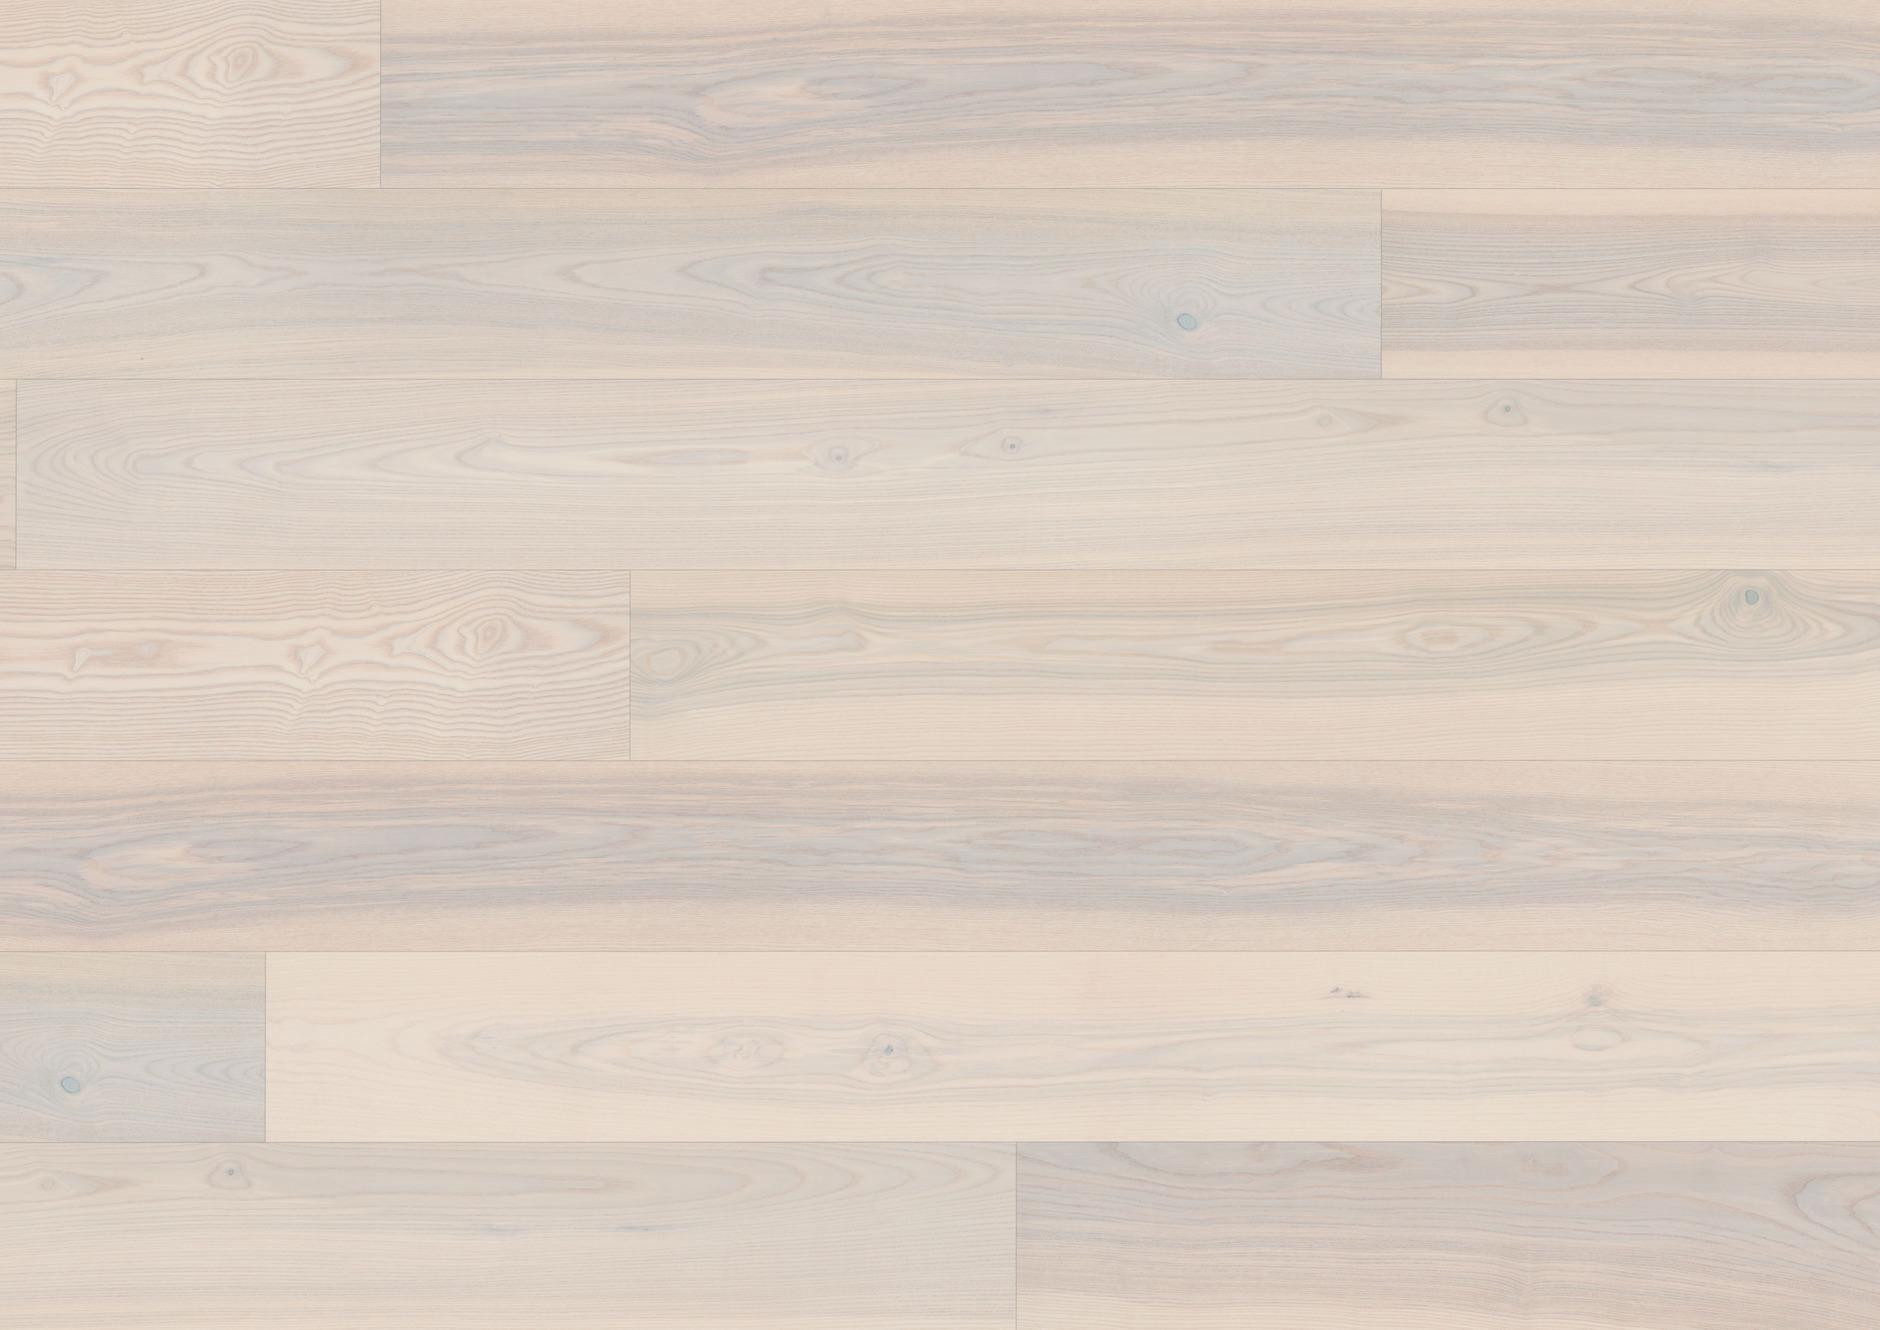 Esche azurweiß